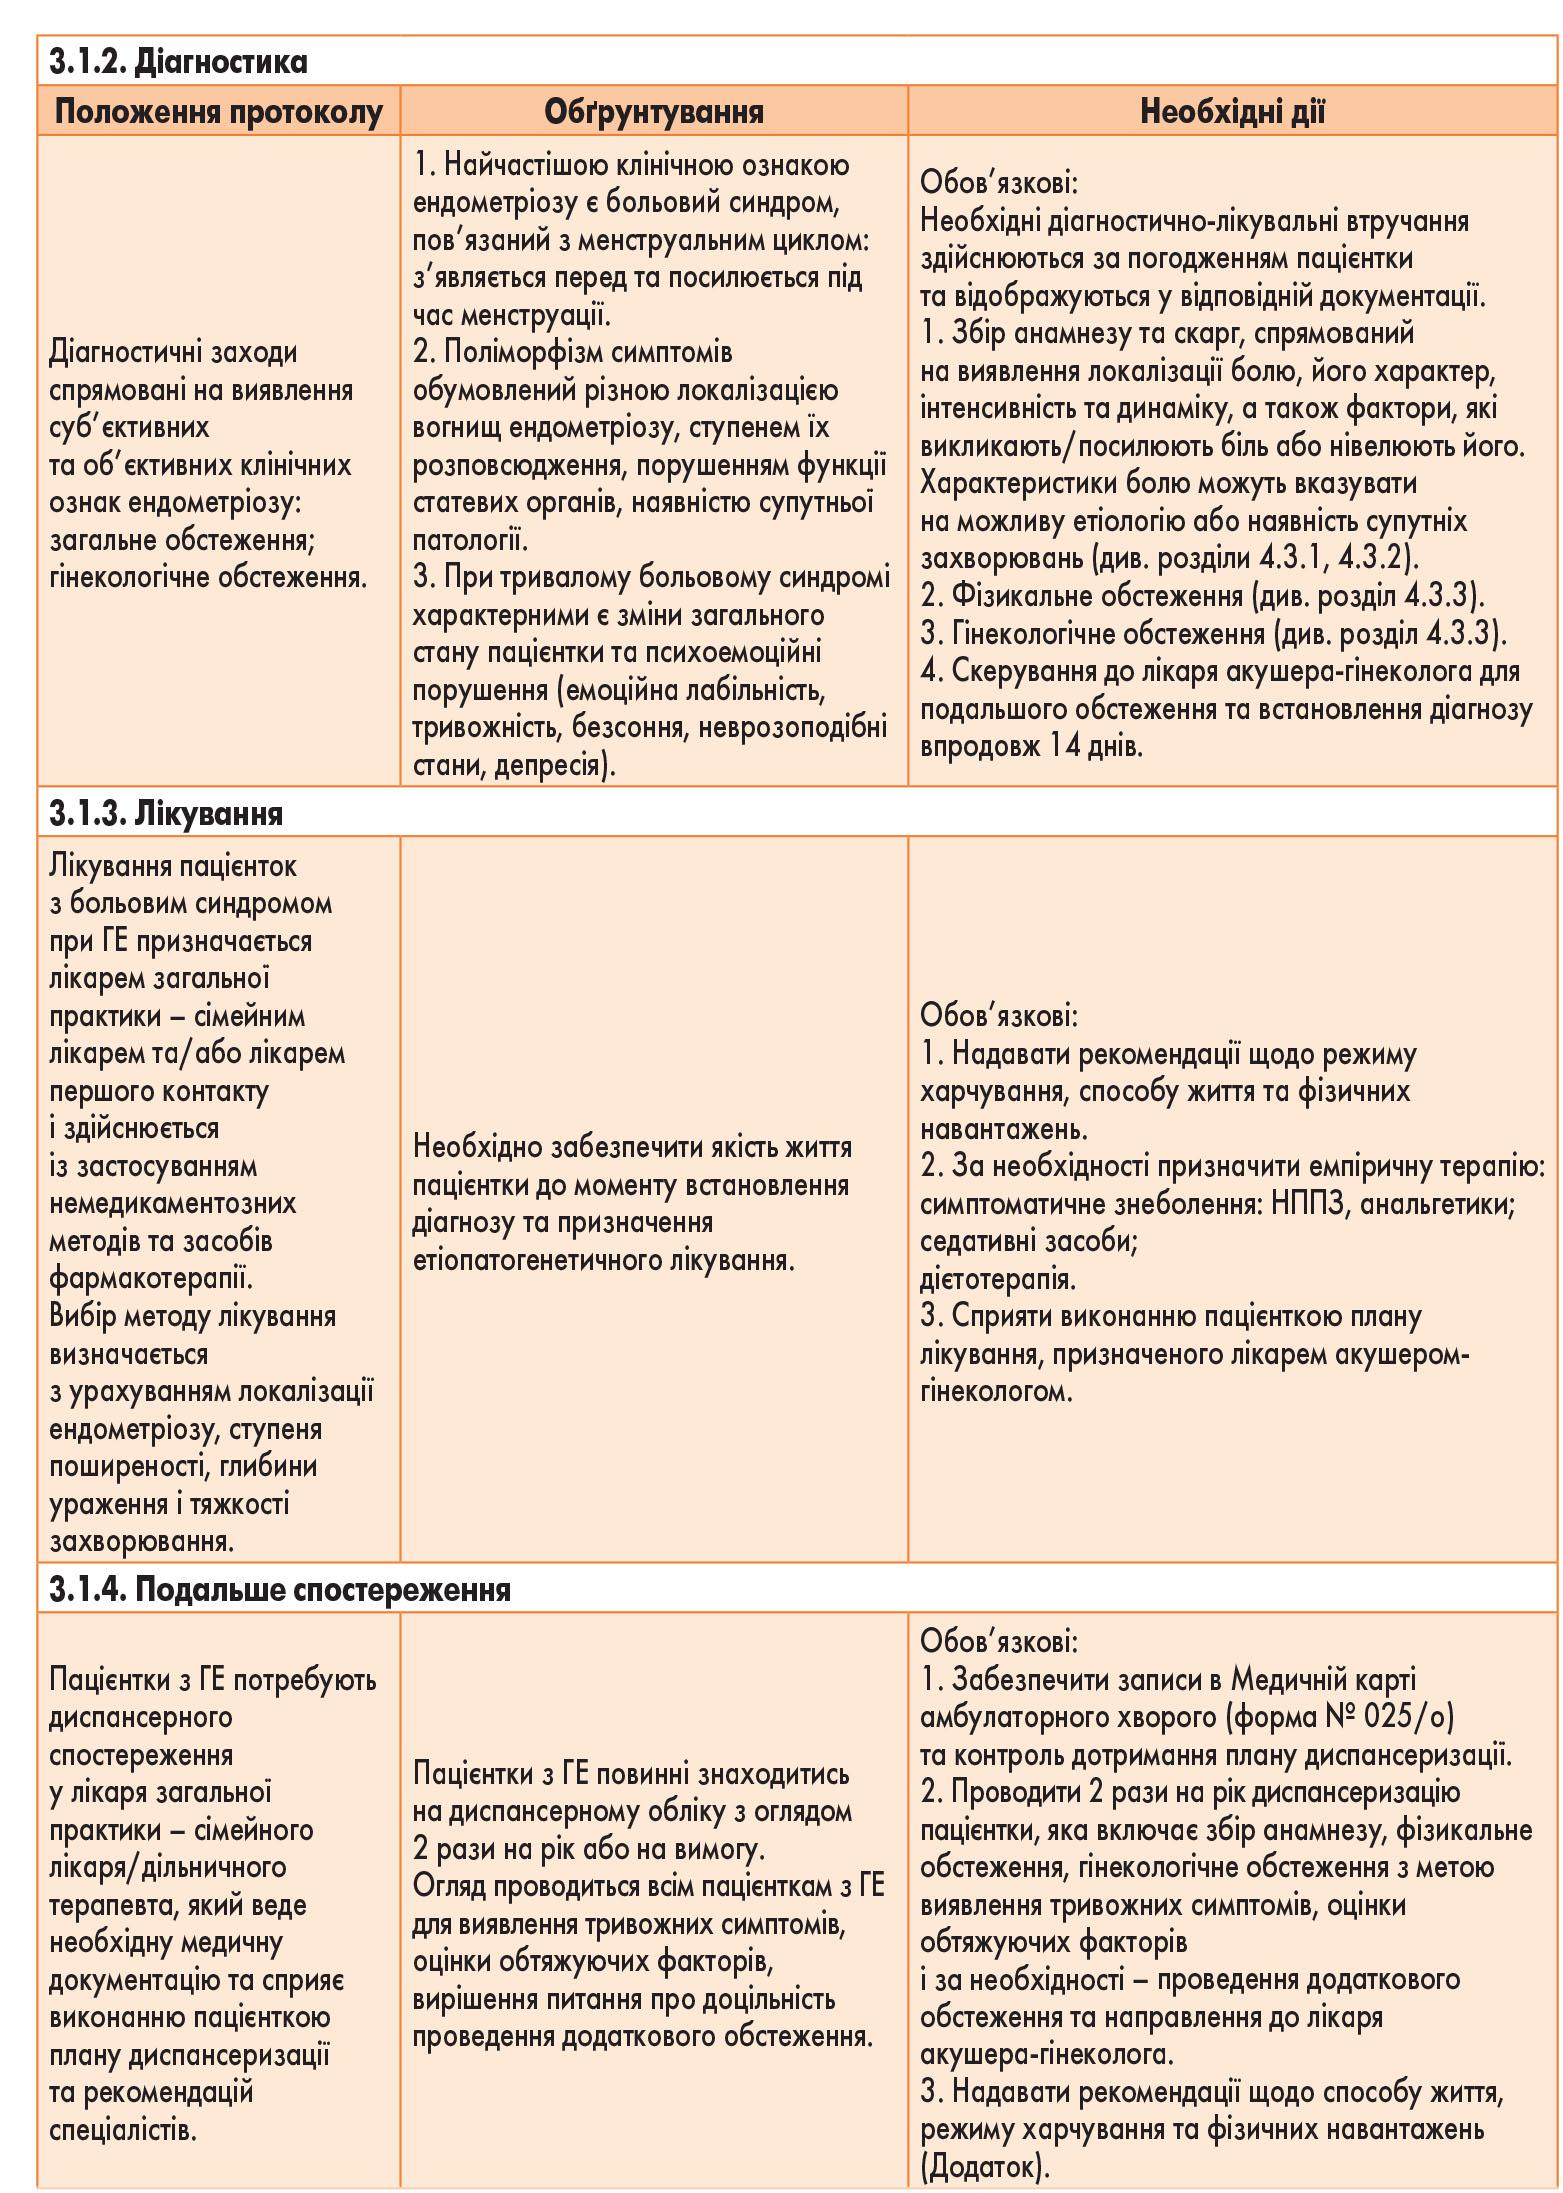 Вторинна (спеціалізована) та третинна (високоспеціалізована) амбулаторна  медична допомога dbf033a8c75df